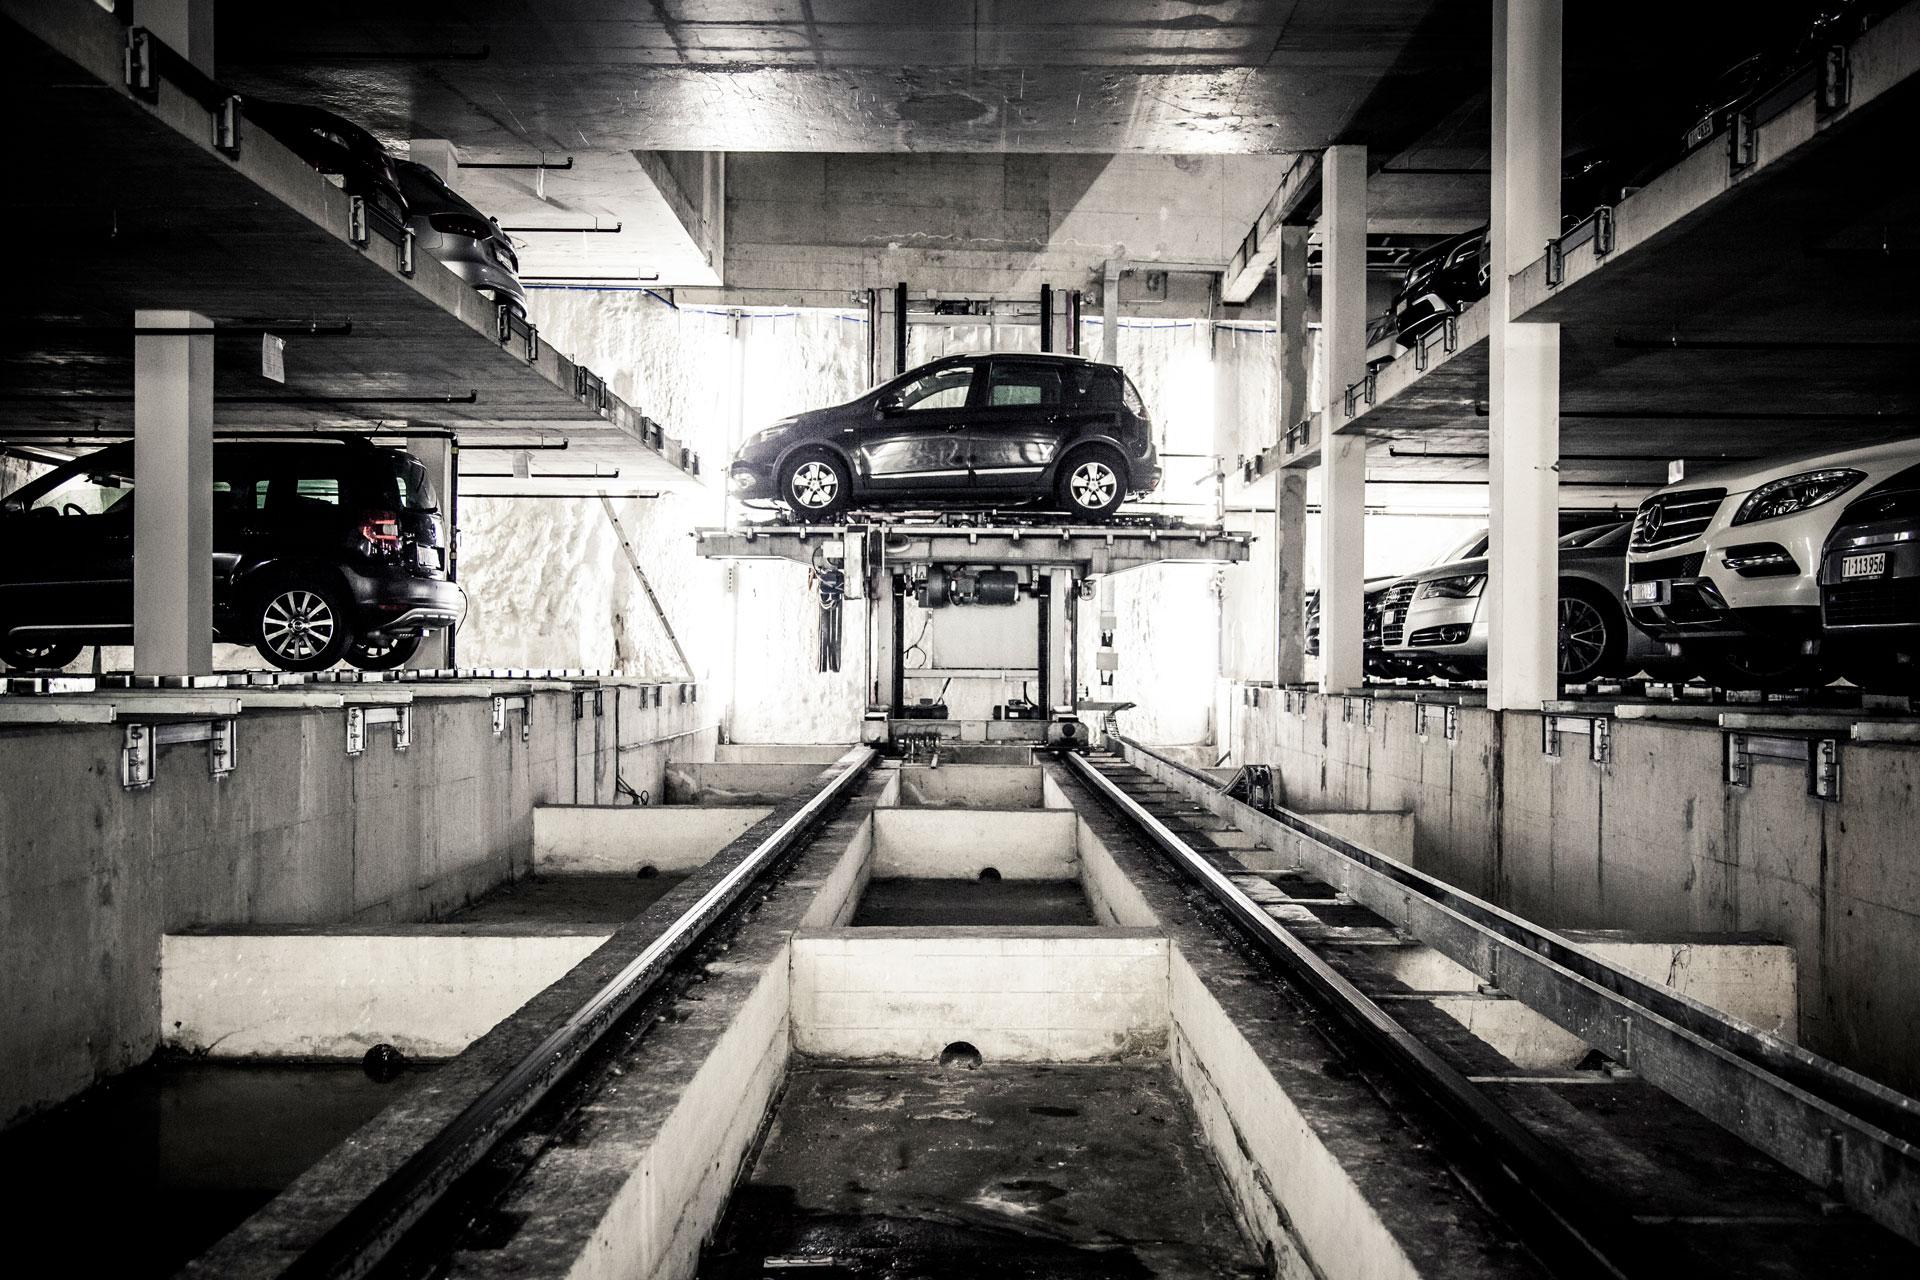 turning platforms